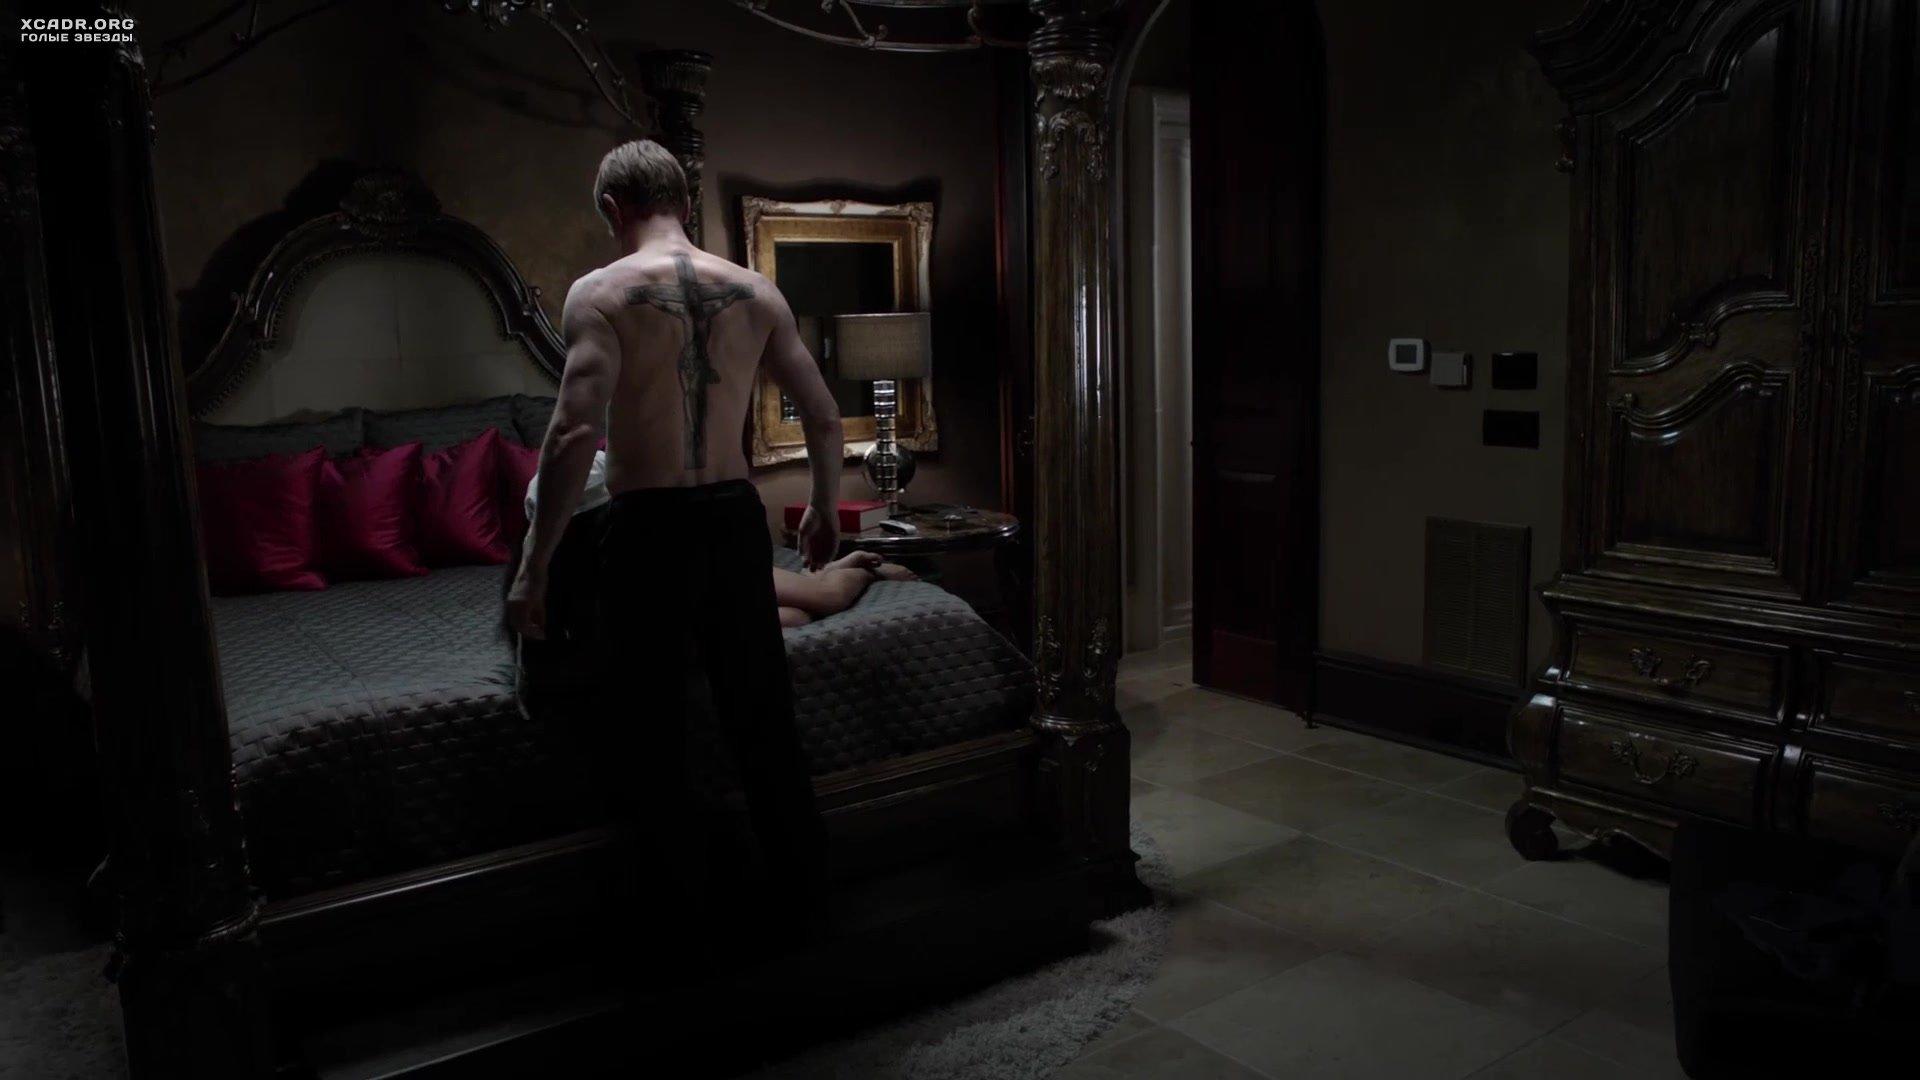 Сцена секса в сериале Банши  бесплатное супер порно на